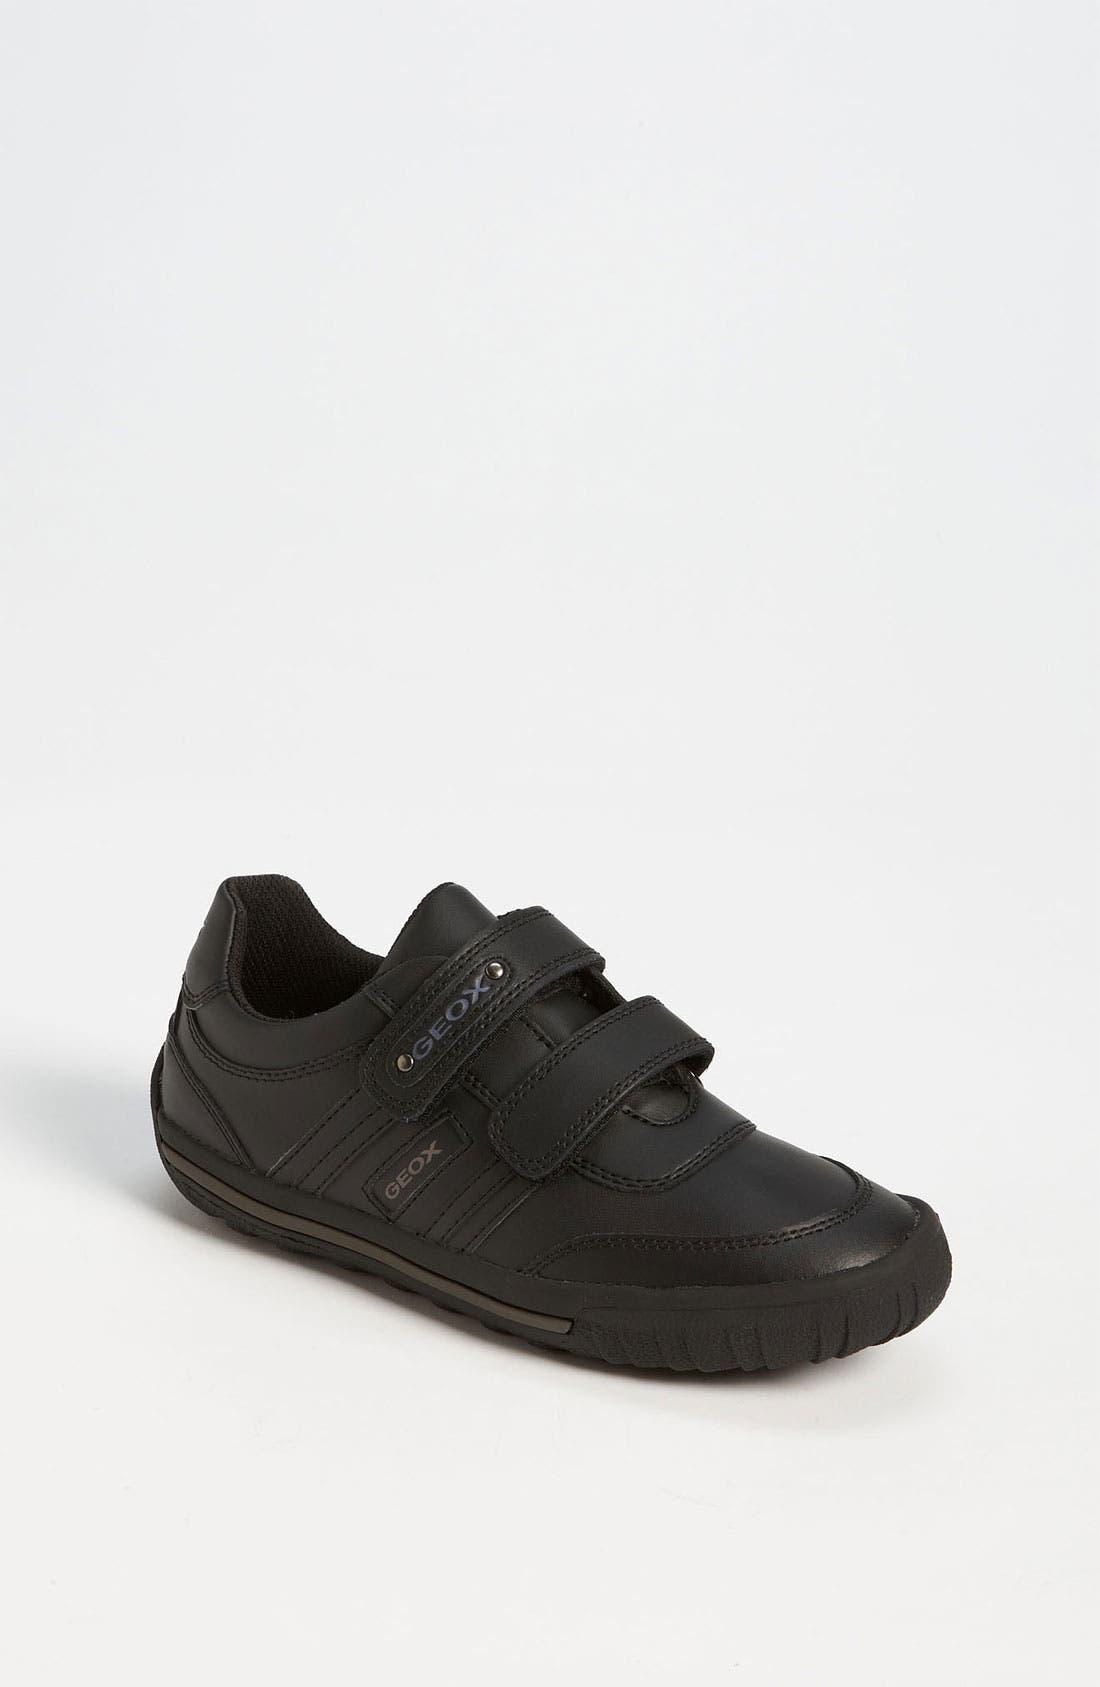 Alternate Image 1 Selected - Geox 'Atlante Smooth' Sneaker (Toddler, Little Kid & Big Kid)